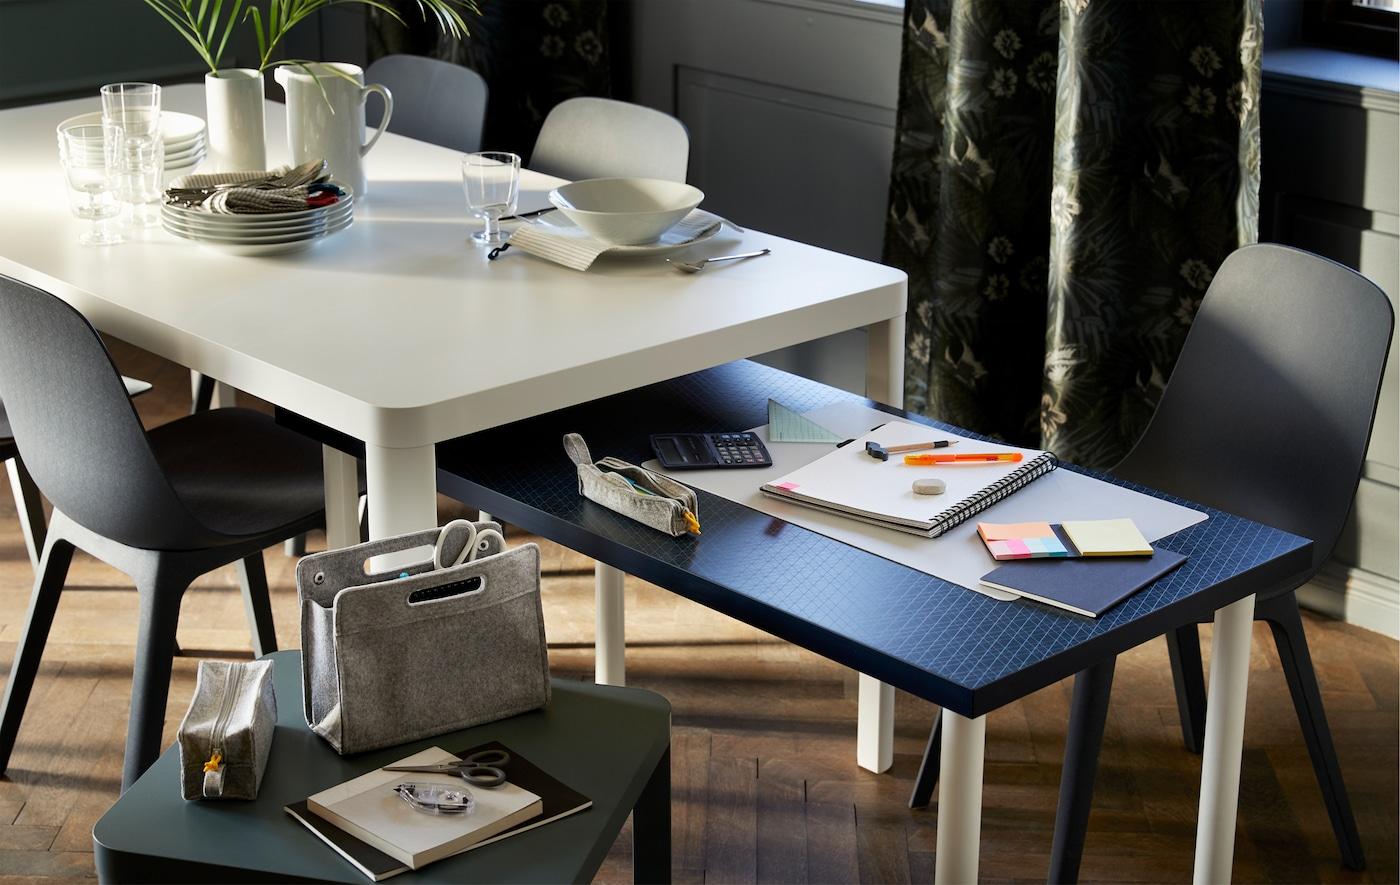 Precis som satsbord kan ett lägre bord för skolarbete dras fram under ett middagsbord som ska dukas.